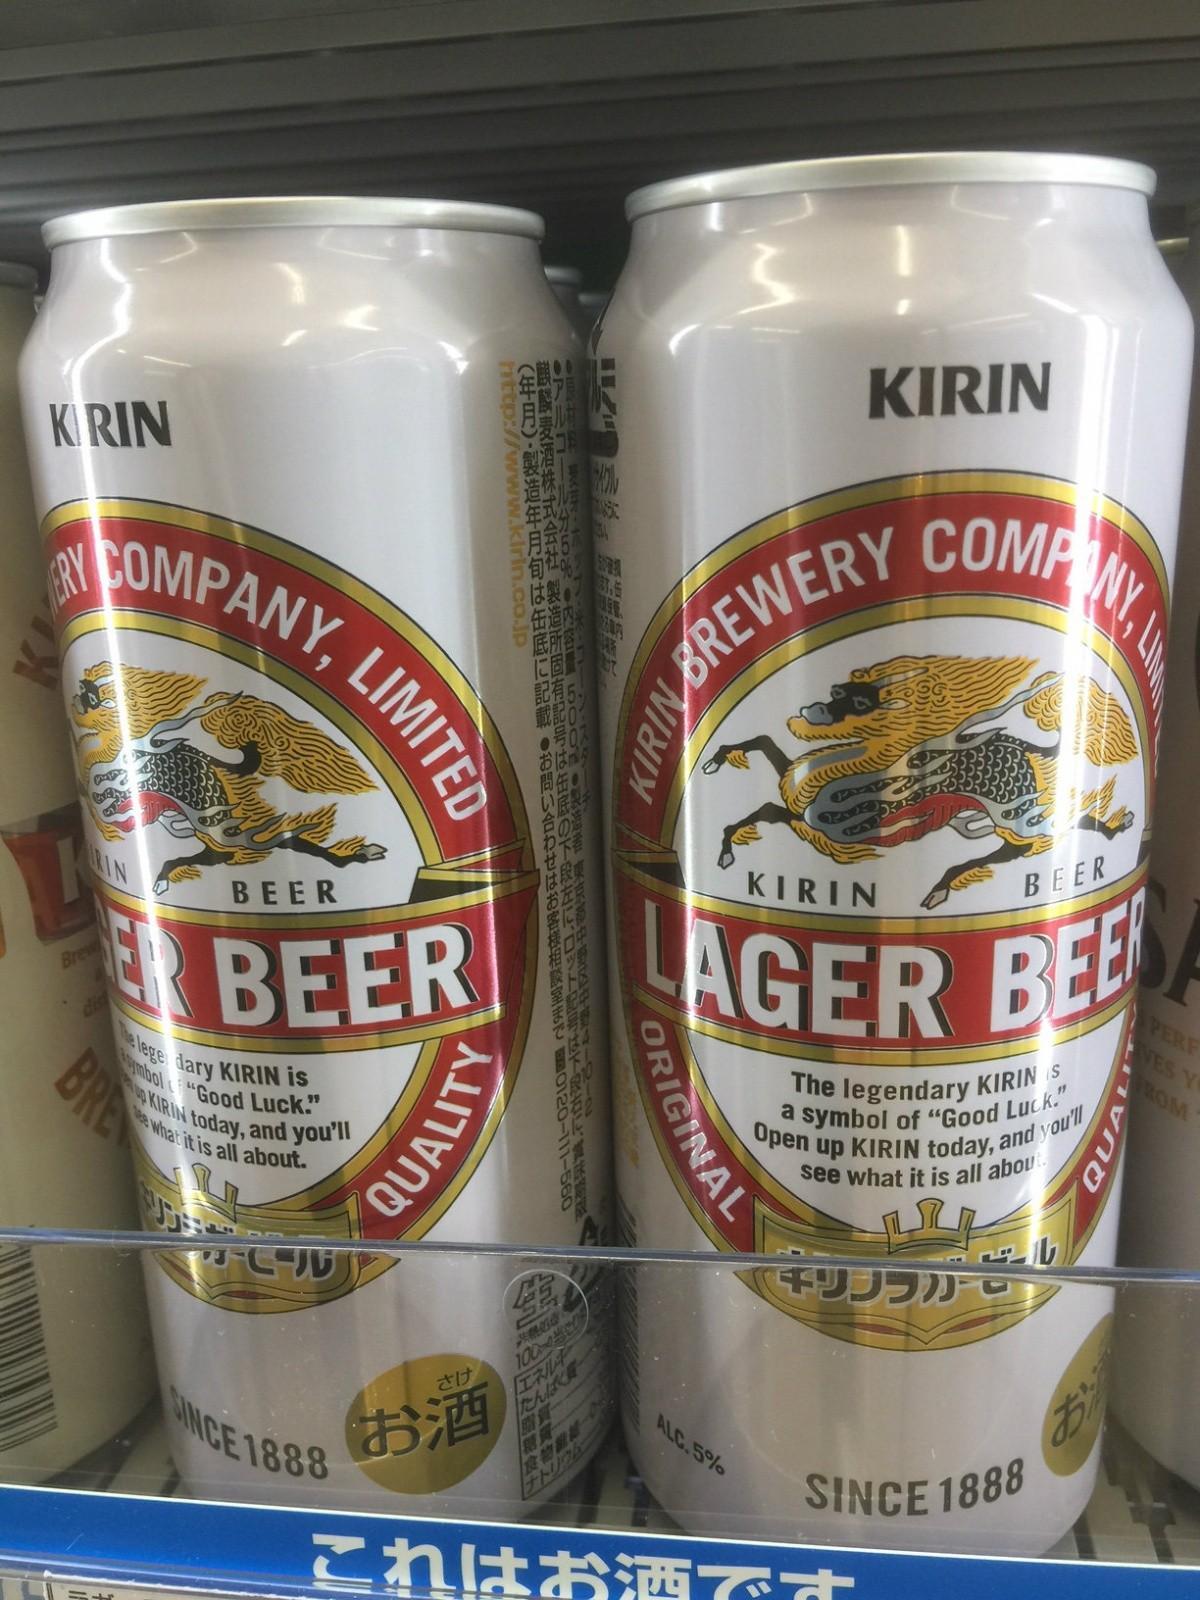 Birra Kirin lager (lattina)